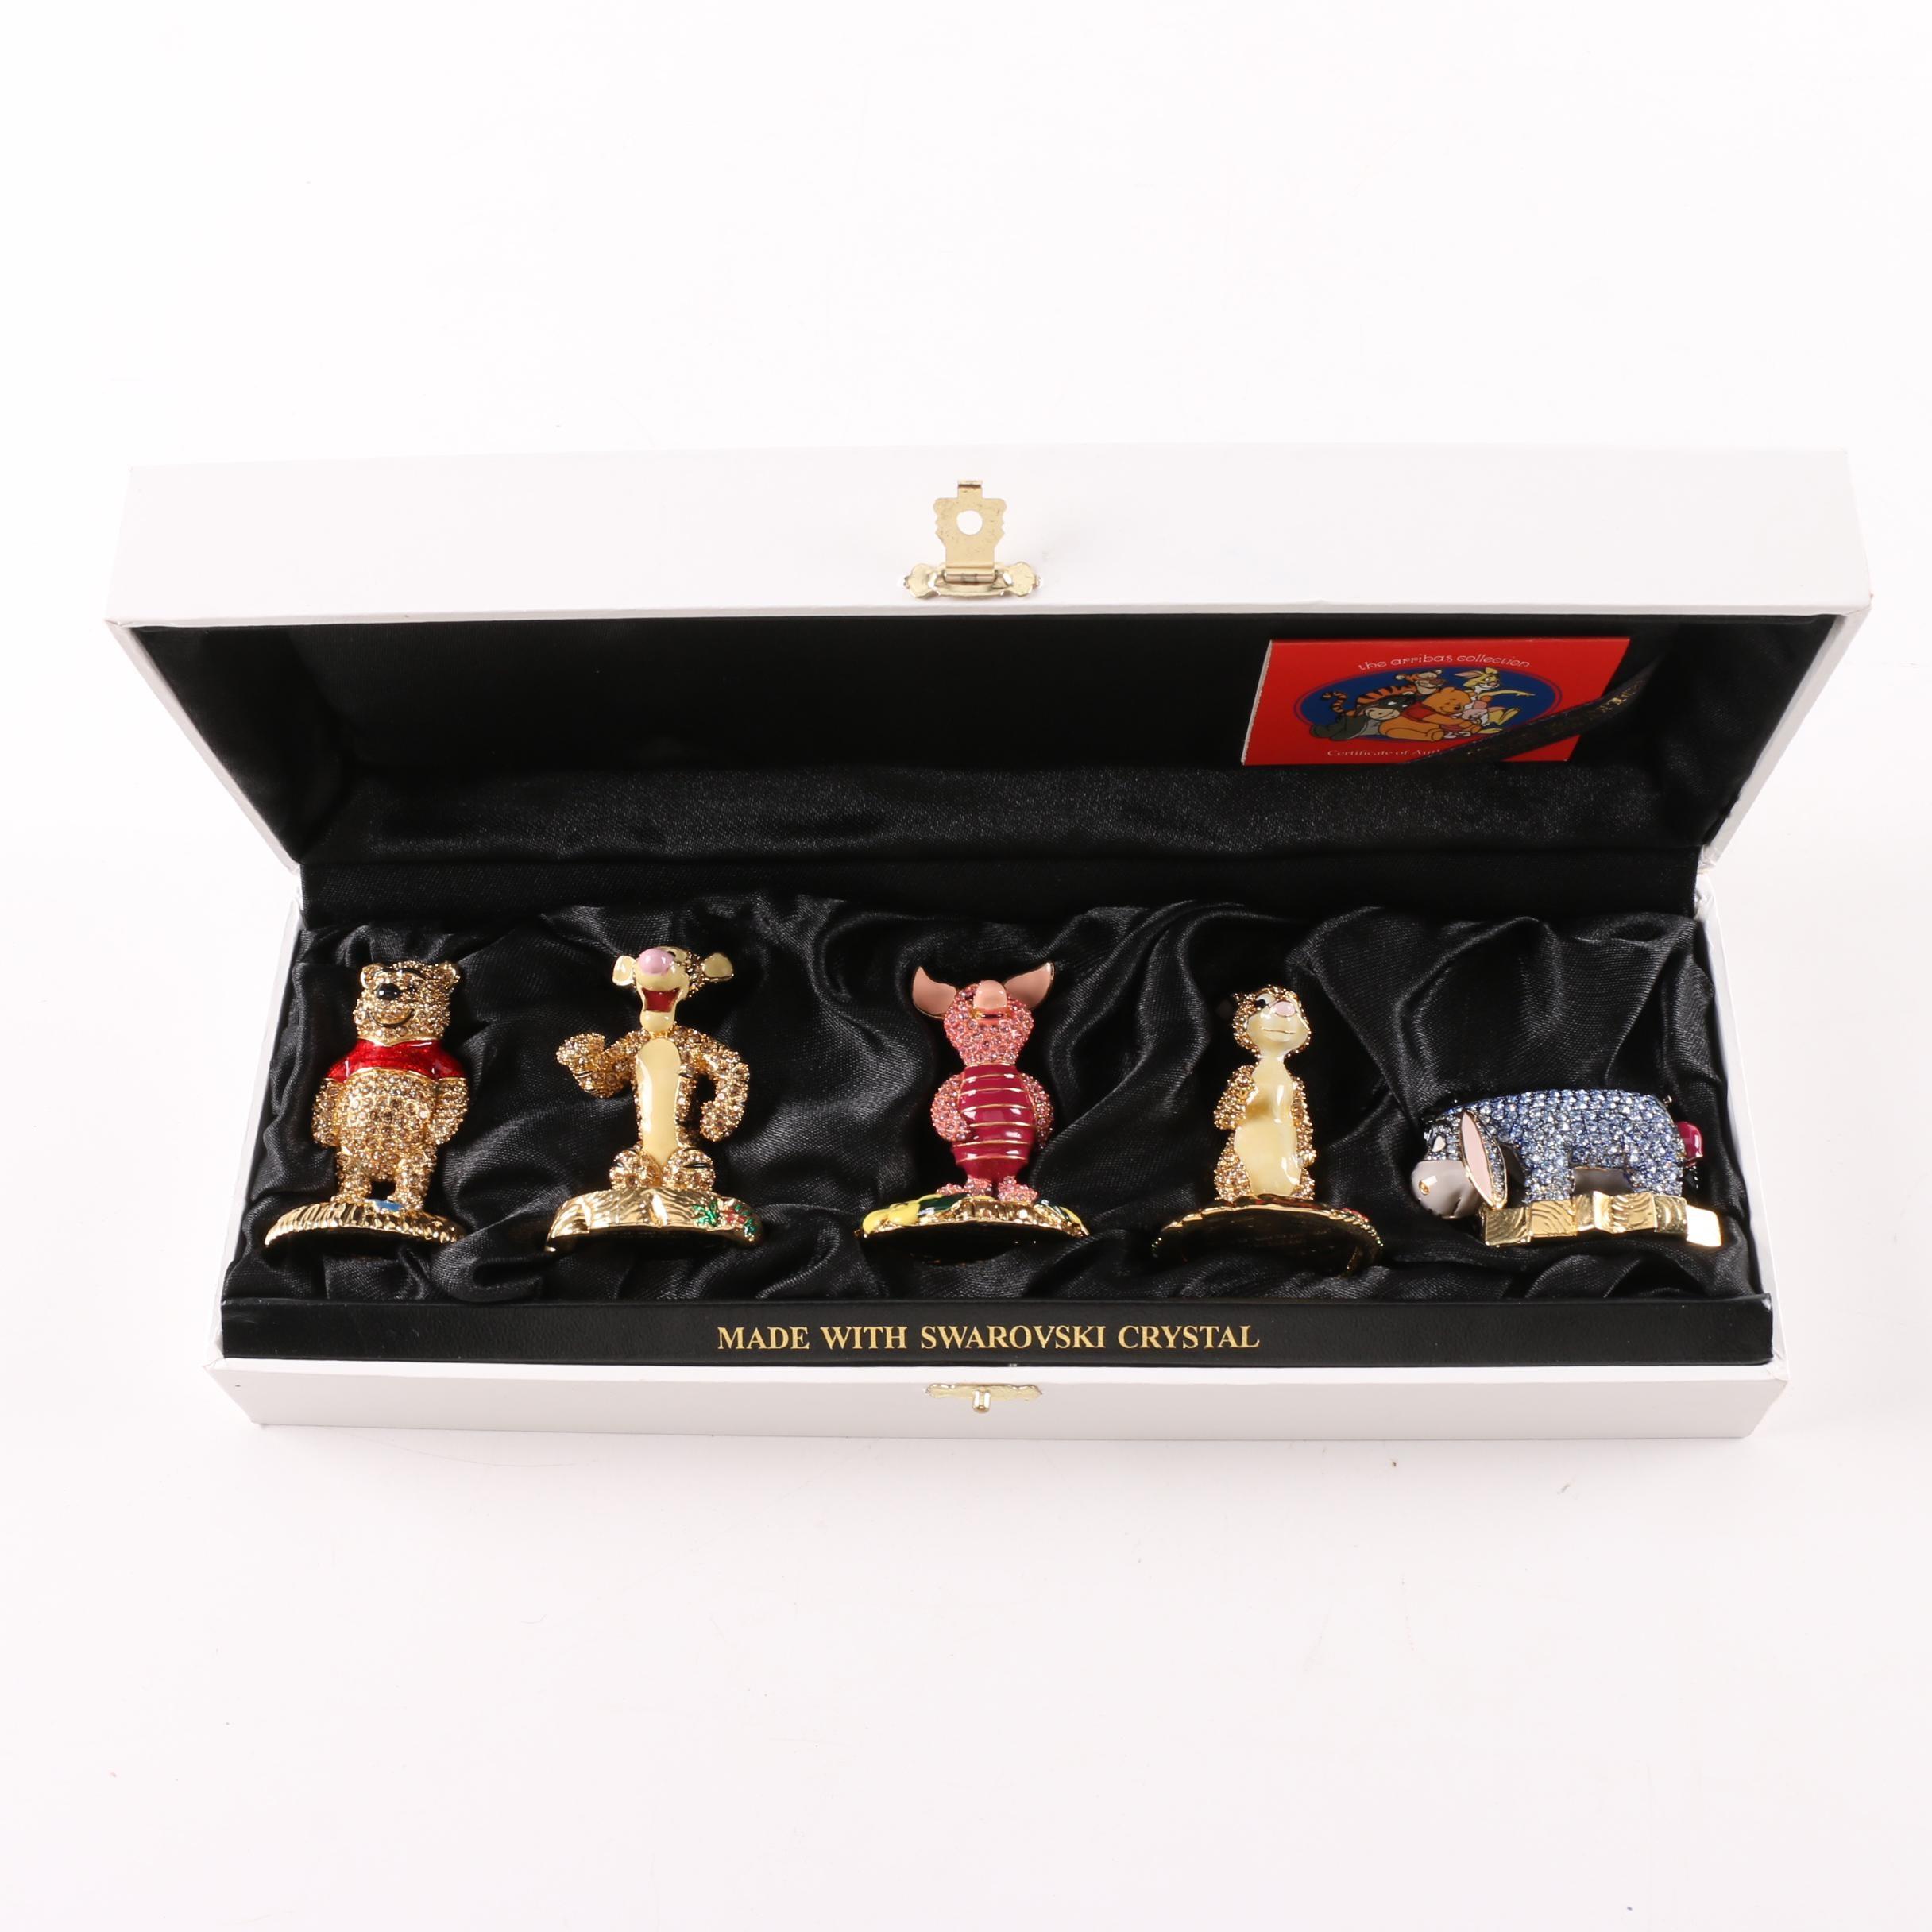 Limited Edition Arribas Brothers Winnie the Pooh Figurine Set